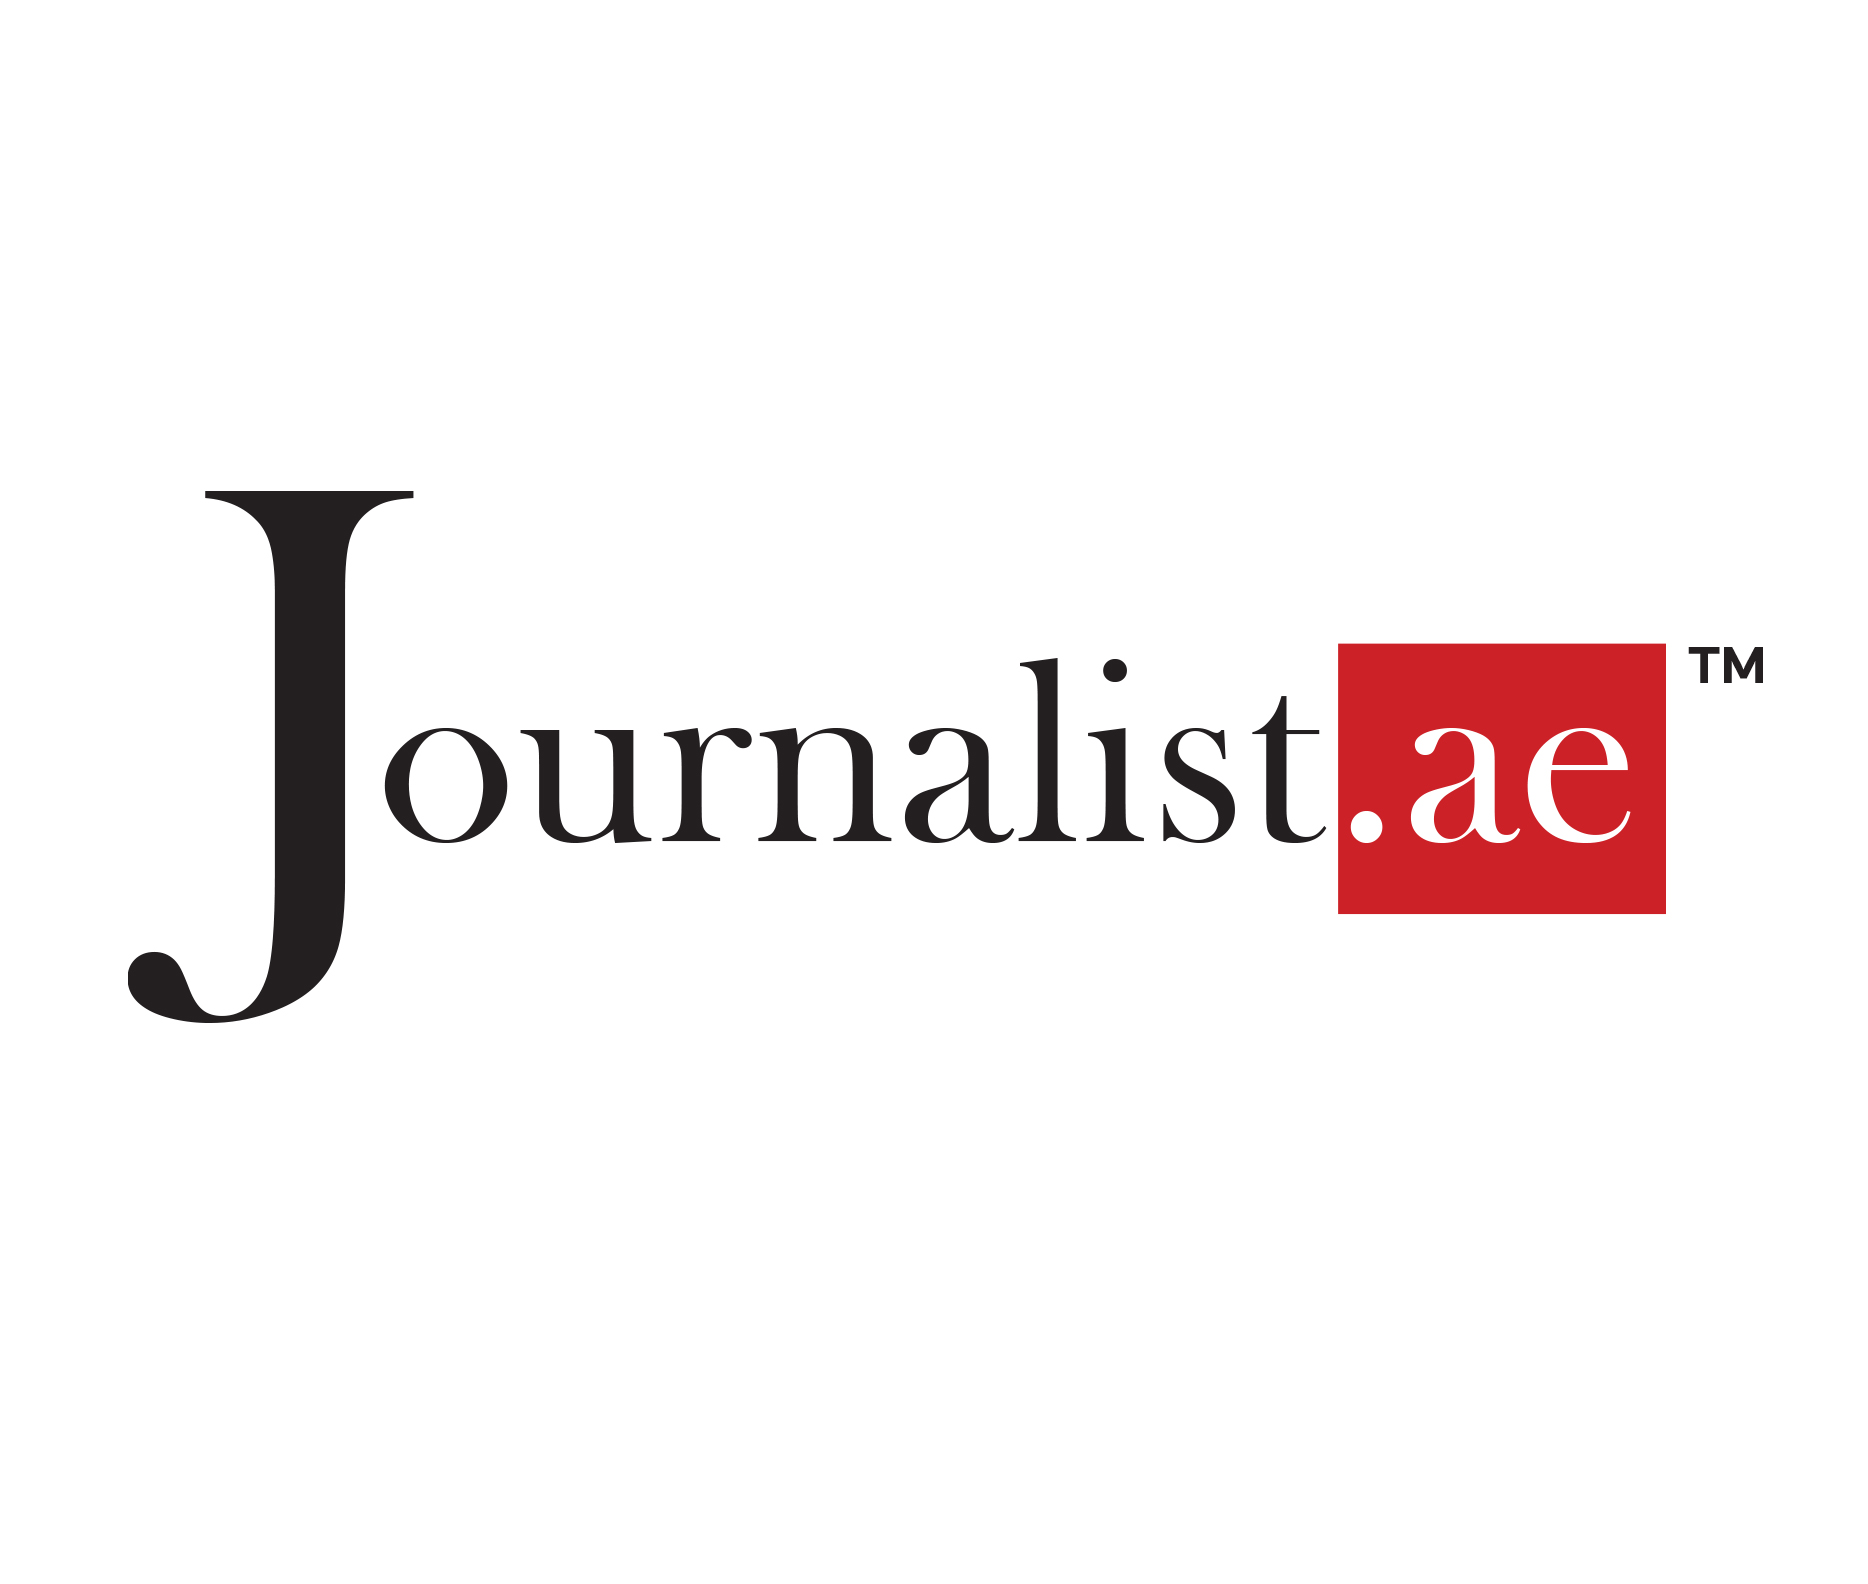 Journalist.ae Branding